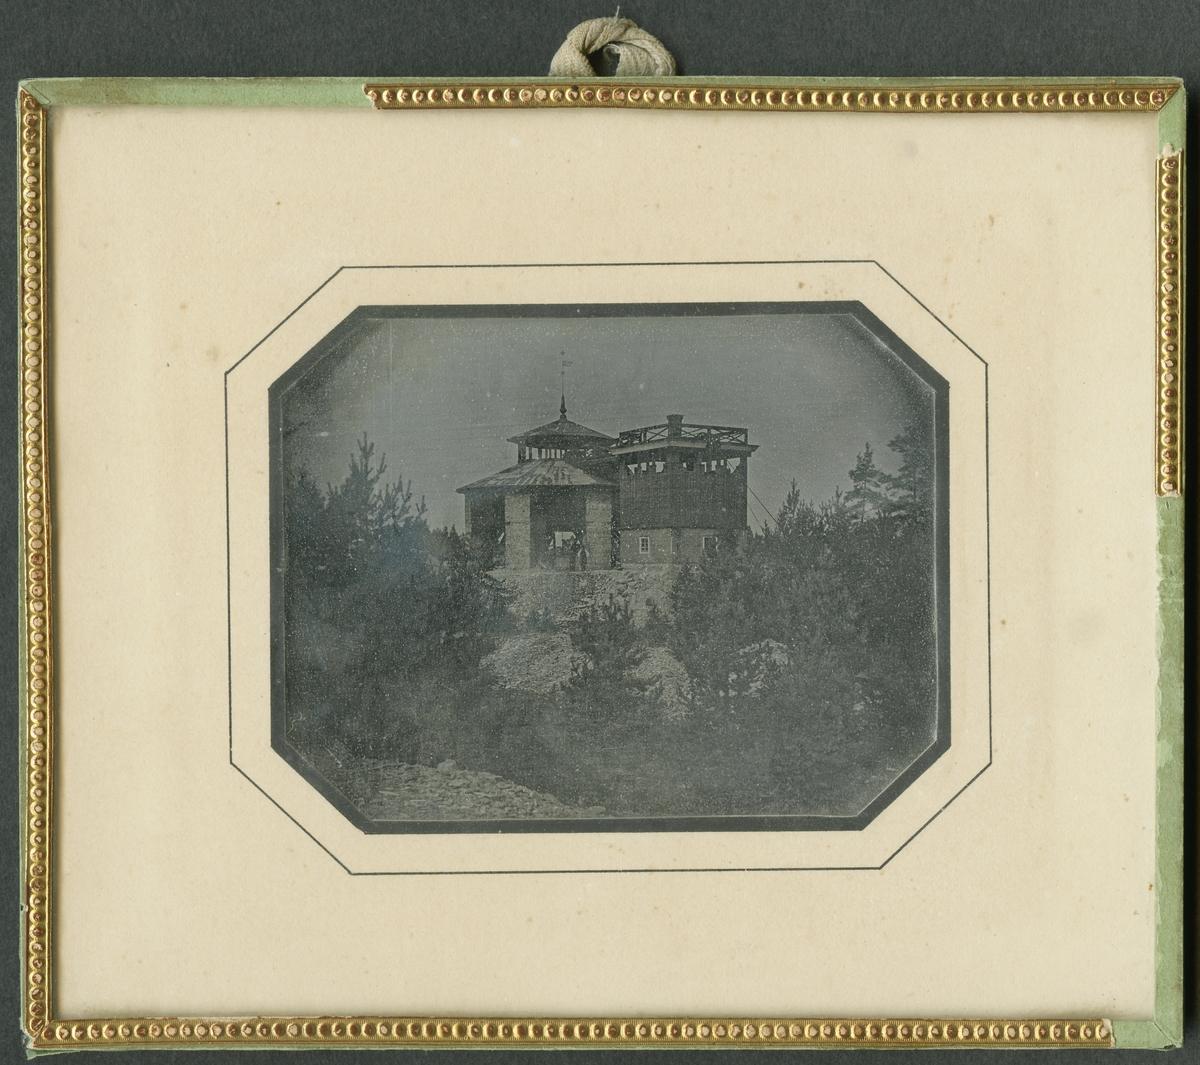 Daguerreotyp. Laven över Carl XI:s schakt från söder. Bilden tagen före tillkomsten av ångmaskinhuset. Fotograf är troligen Wilhelm Heinemann.